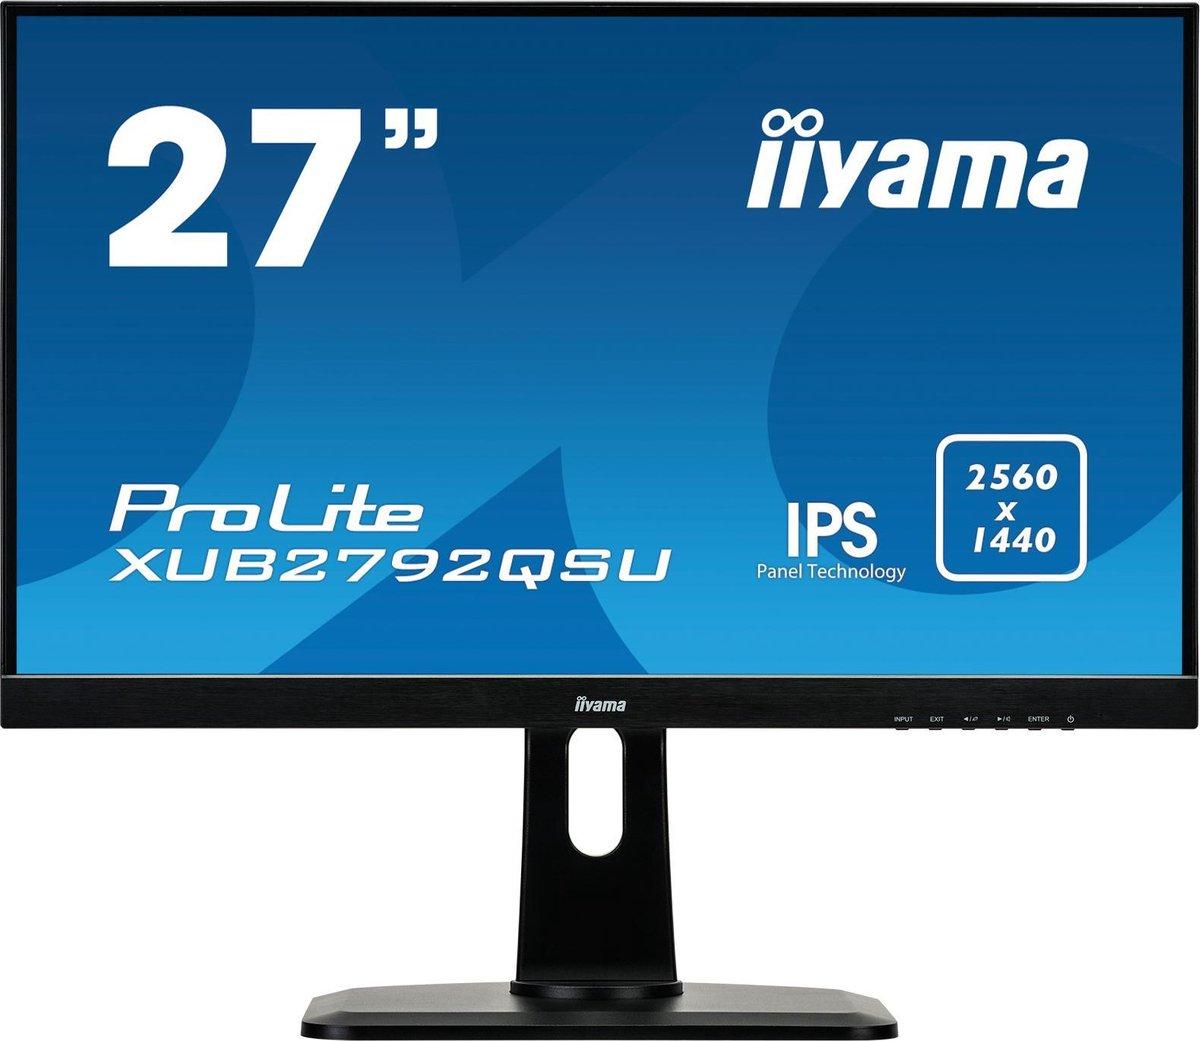 Iiyama ProLite XUB2792QSU-B1 - QHD IPS Monitor - 27 inch - Iiyama